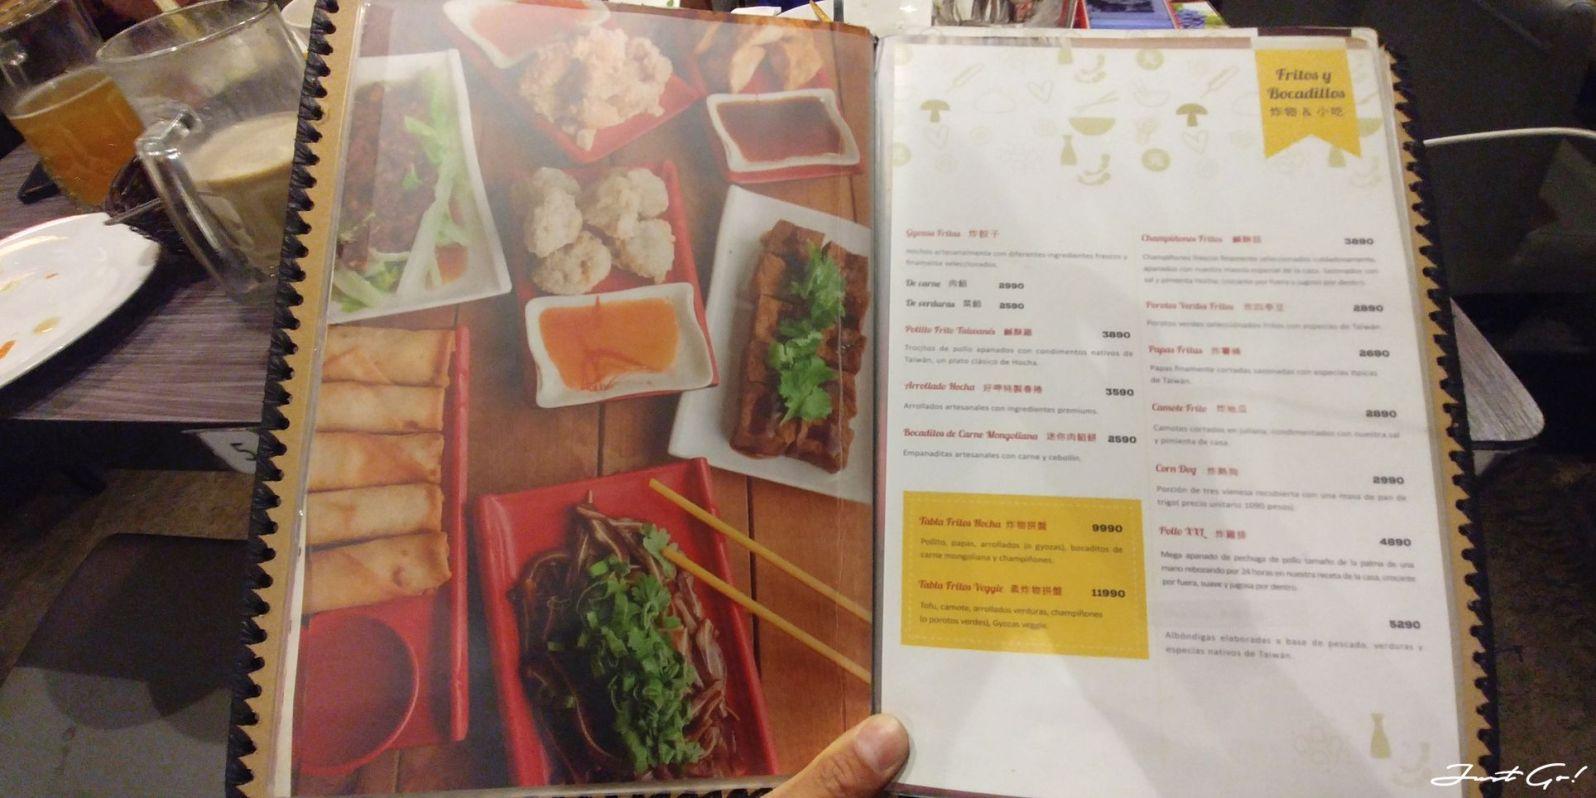 這些食物真的很台灣捏!!!